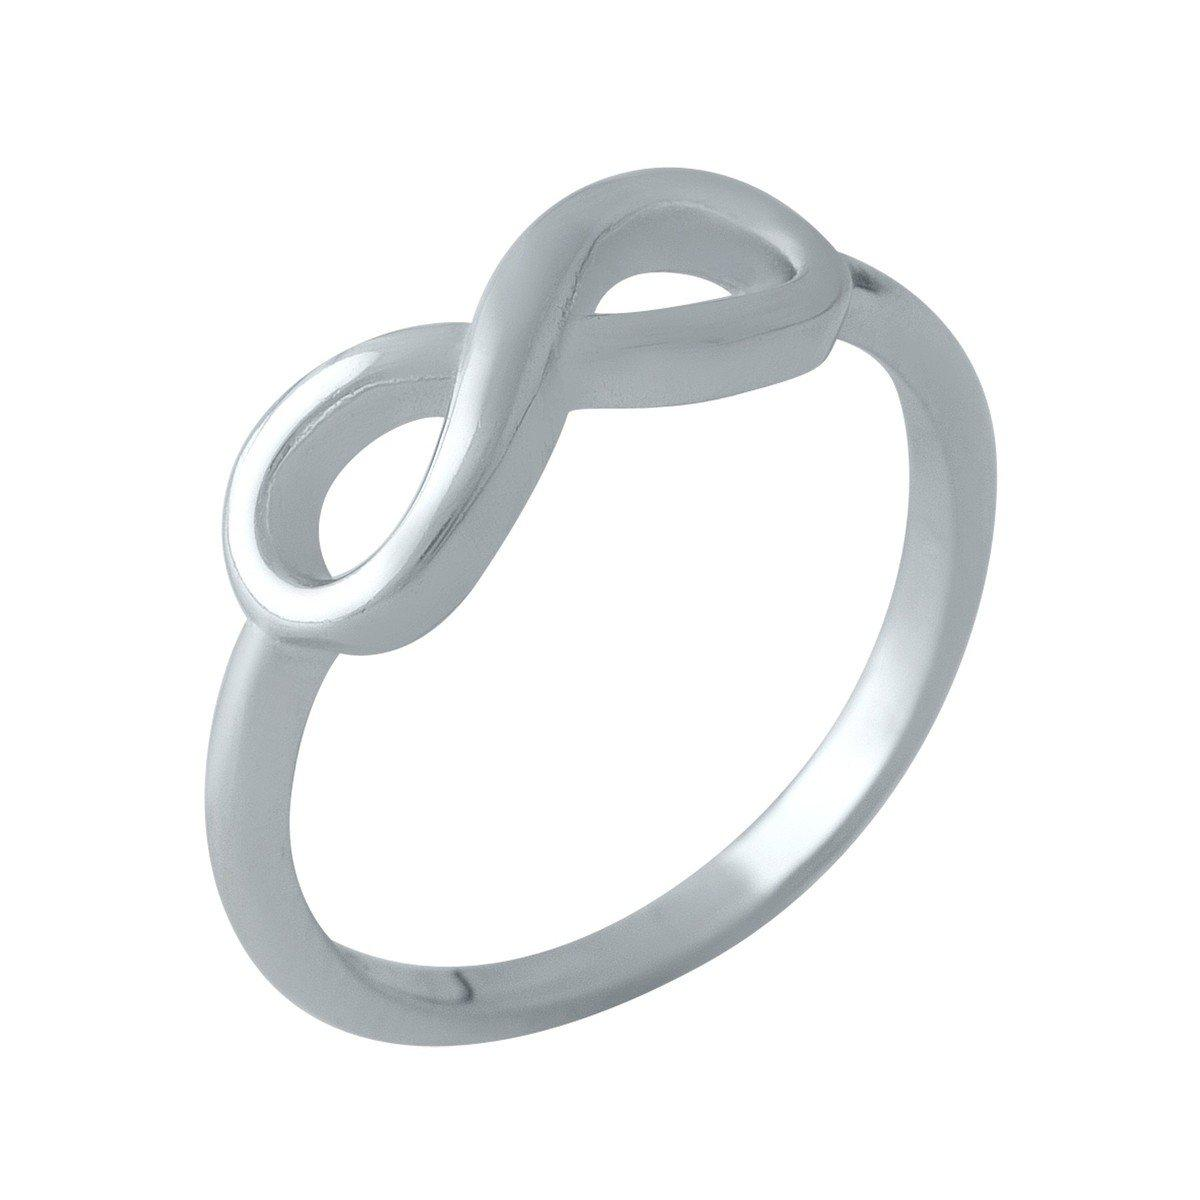 Серебряное кольцо DreamJewelry без камней (2002208) 18 размер